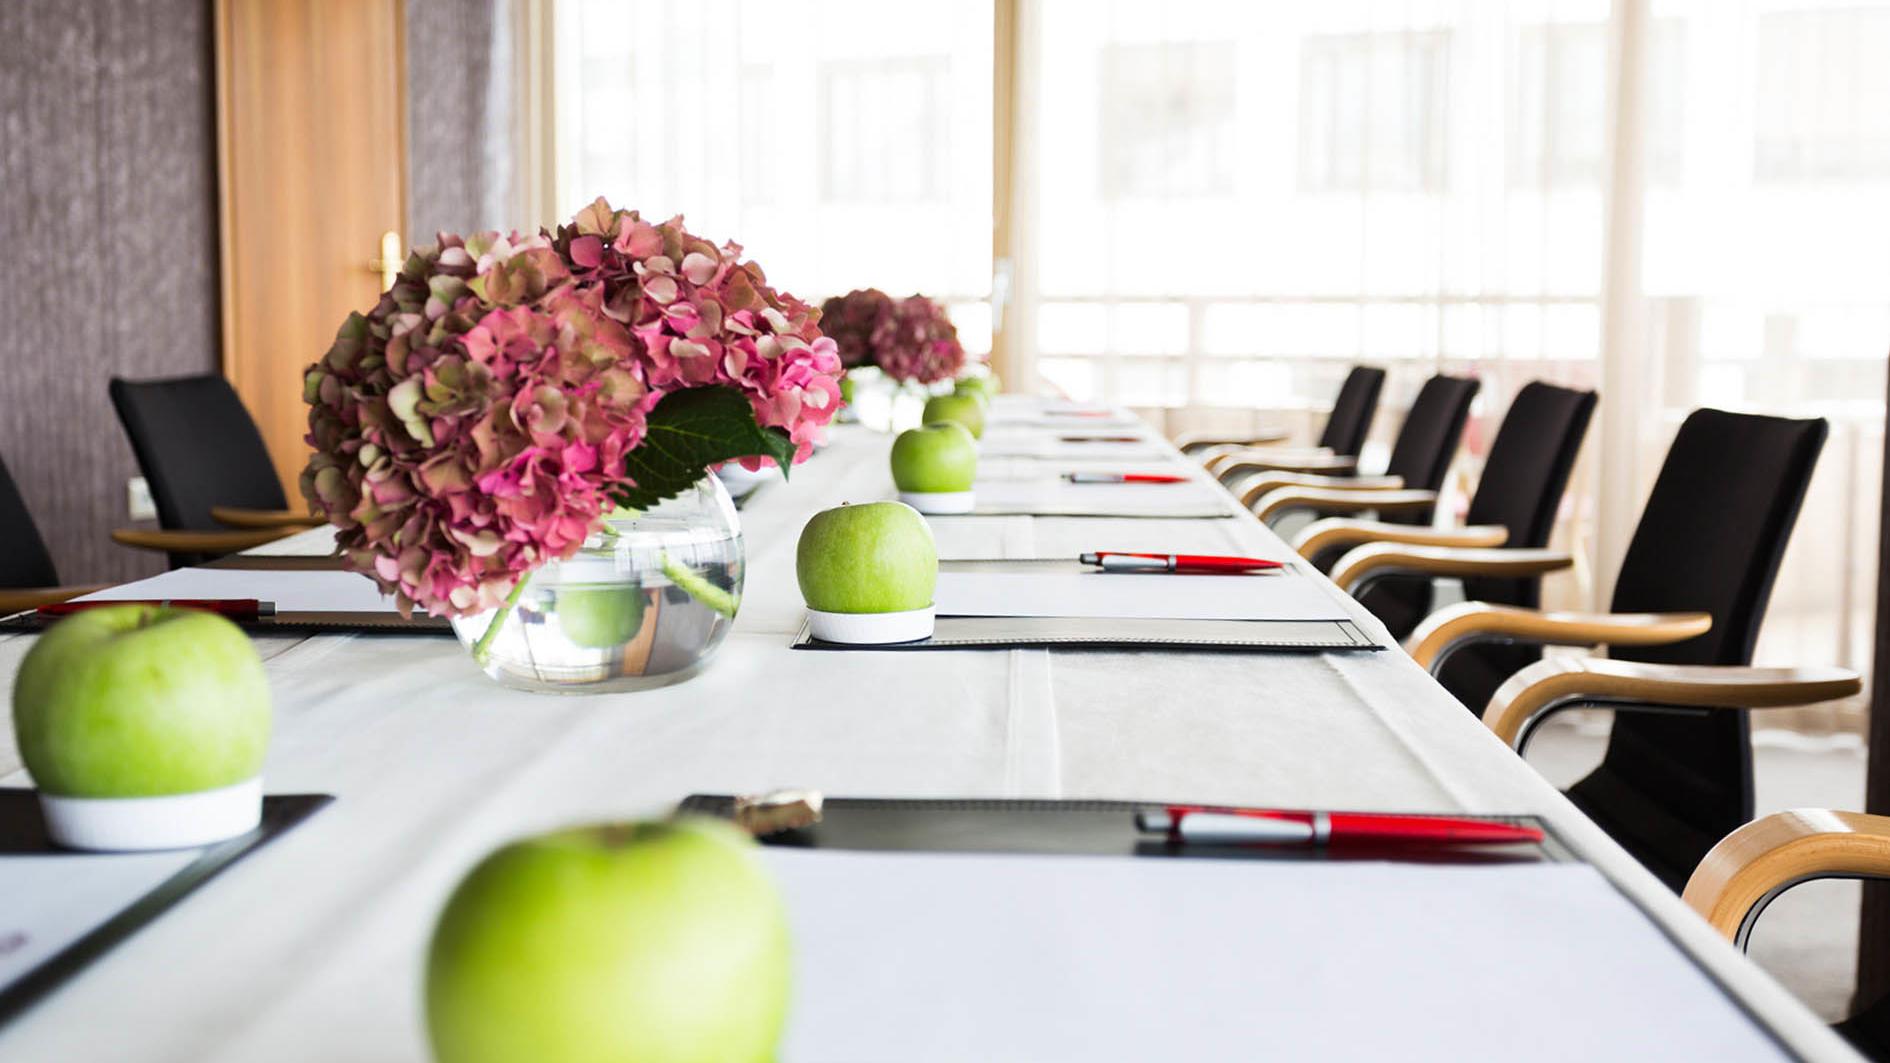 Conference room at uHotel in Ljubljana